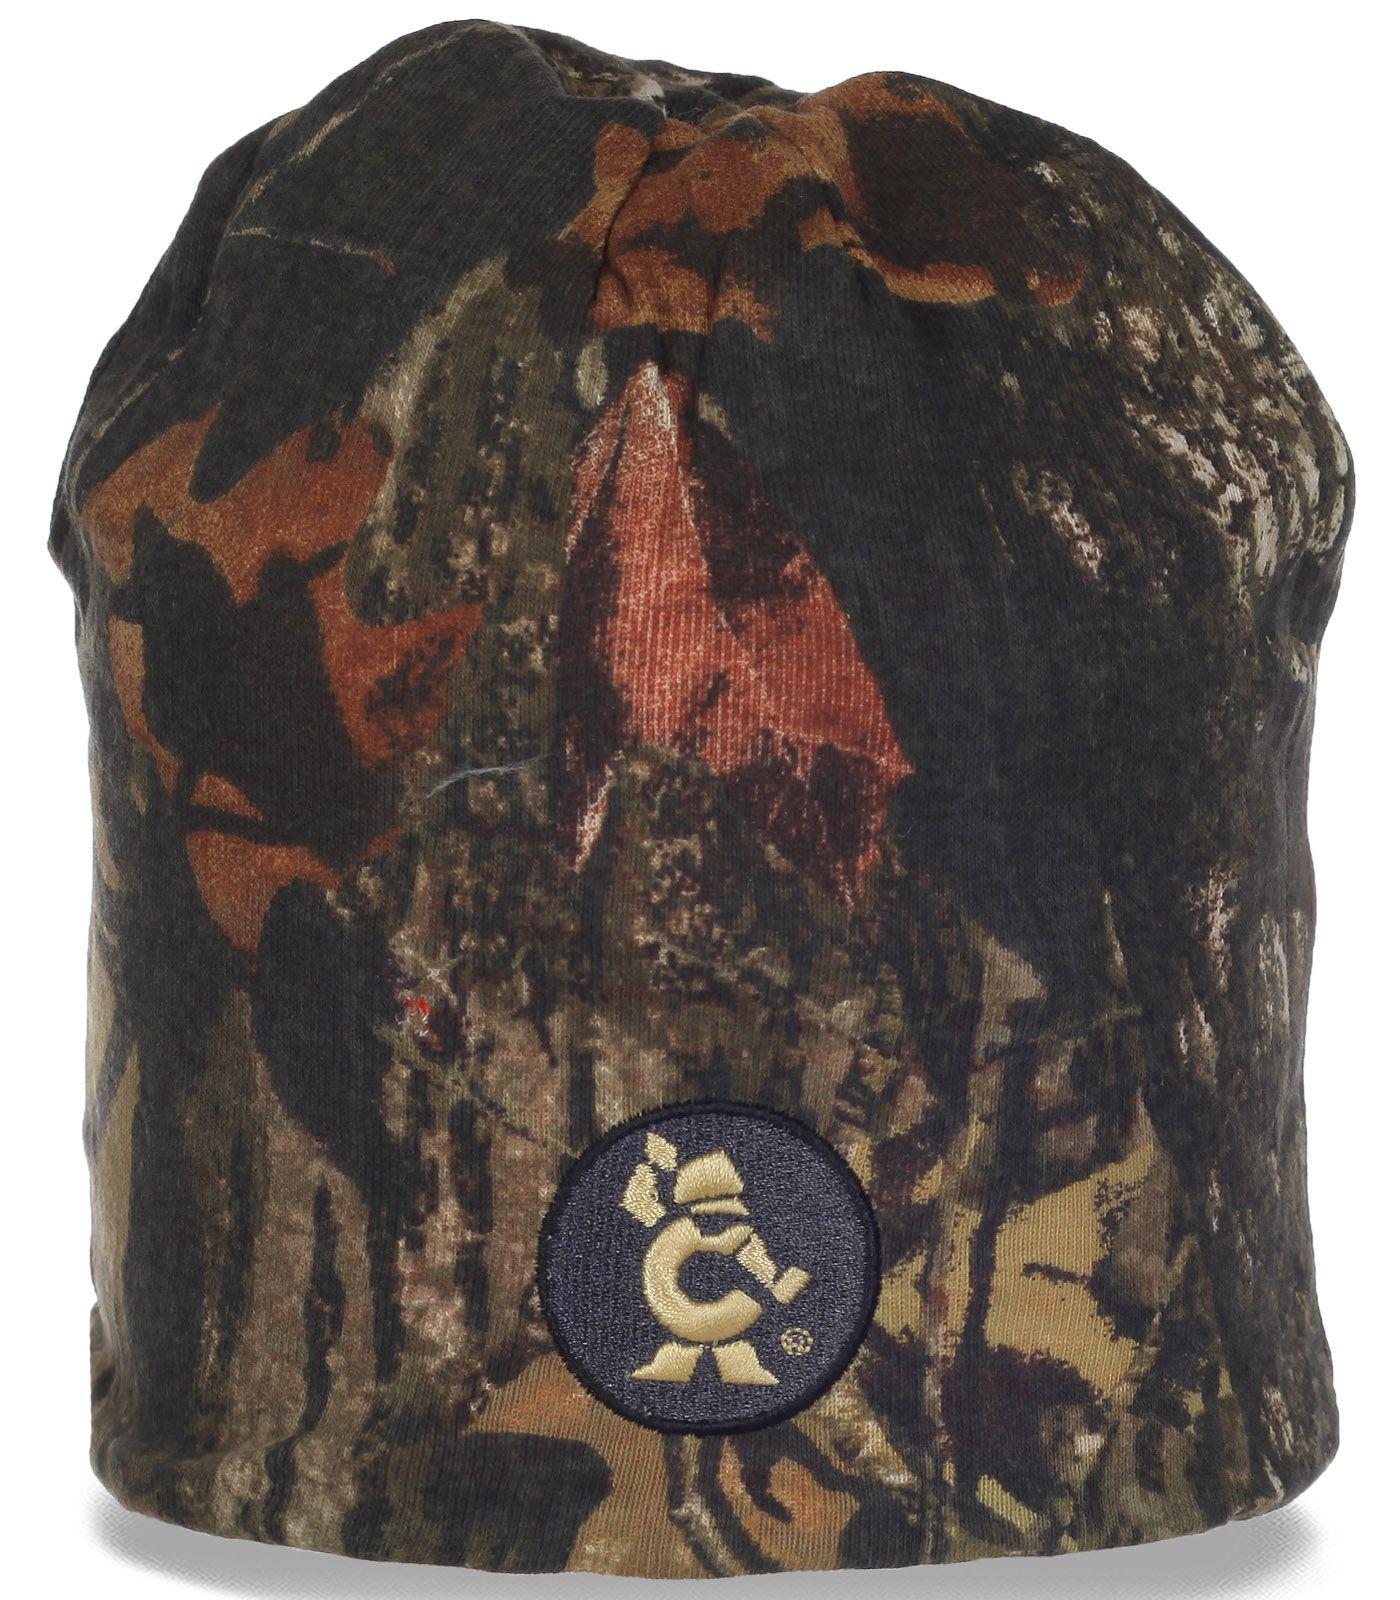 Стильная мужская шапочка для любителей активного отдыха